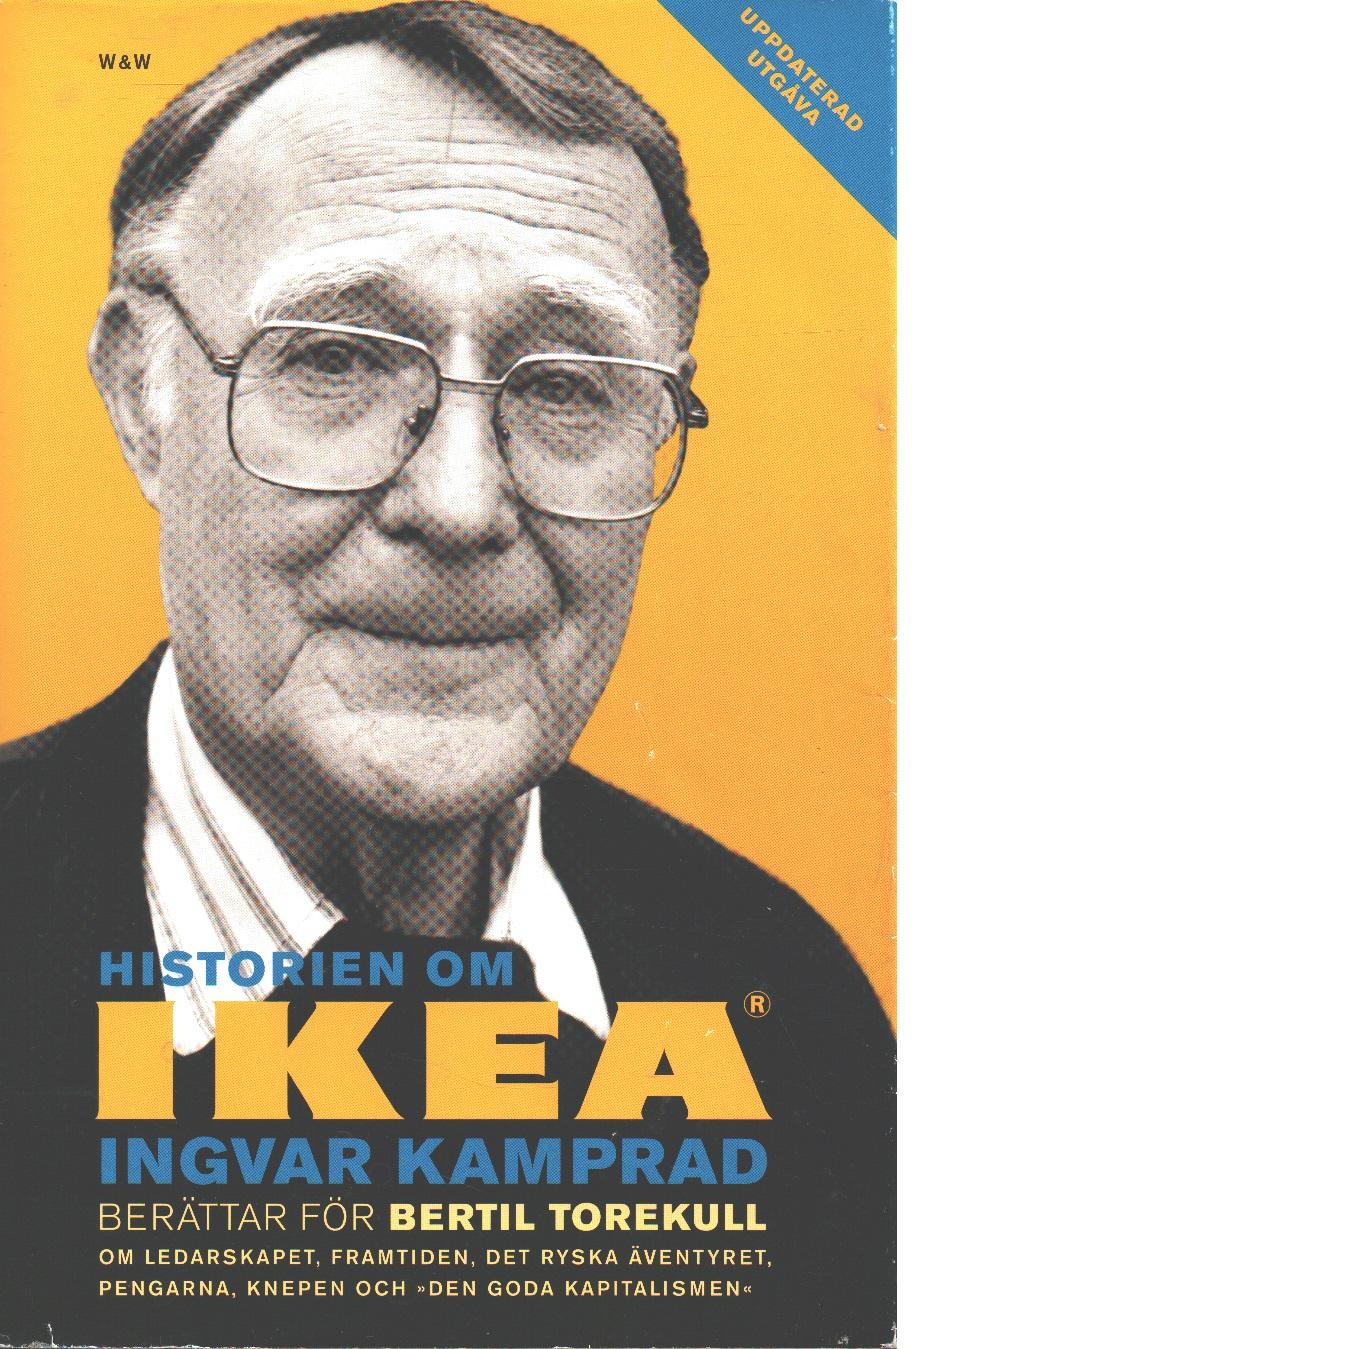 Historien om IKEA - Kamprad, Ingvar och Torekull, Bertil